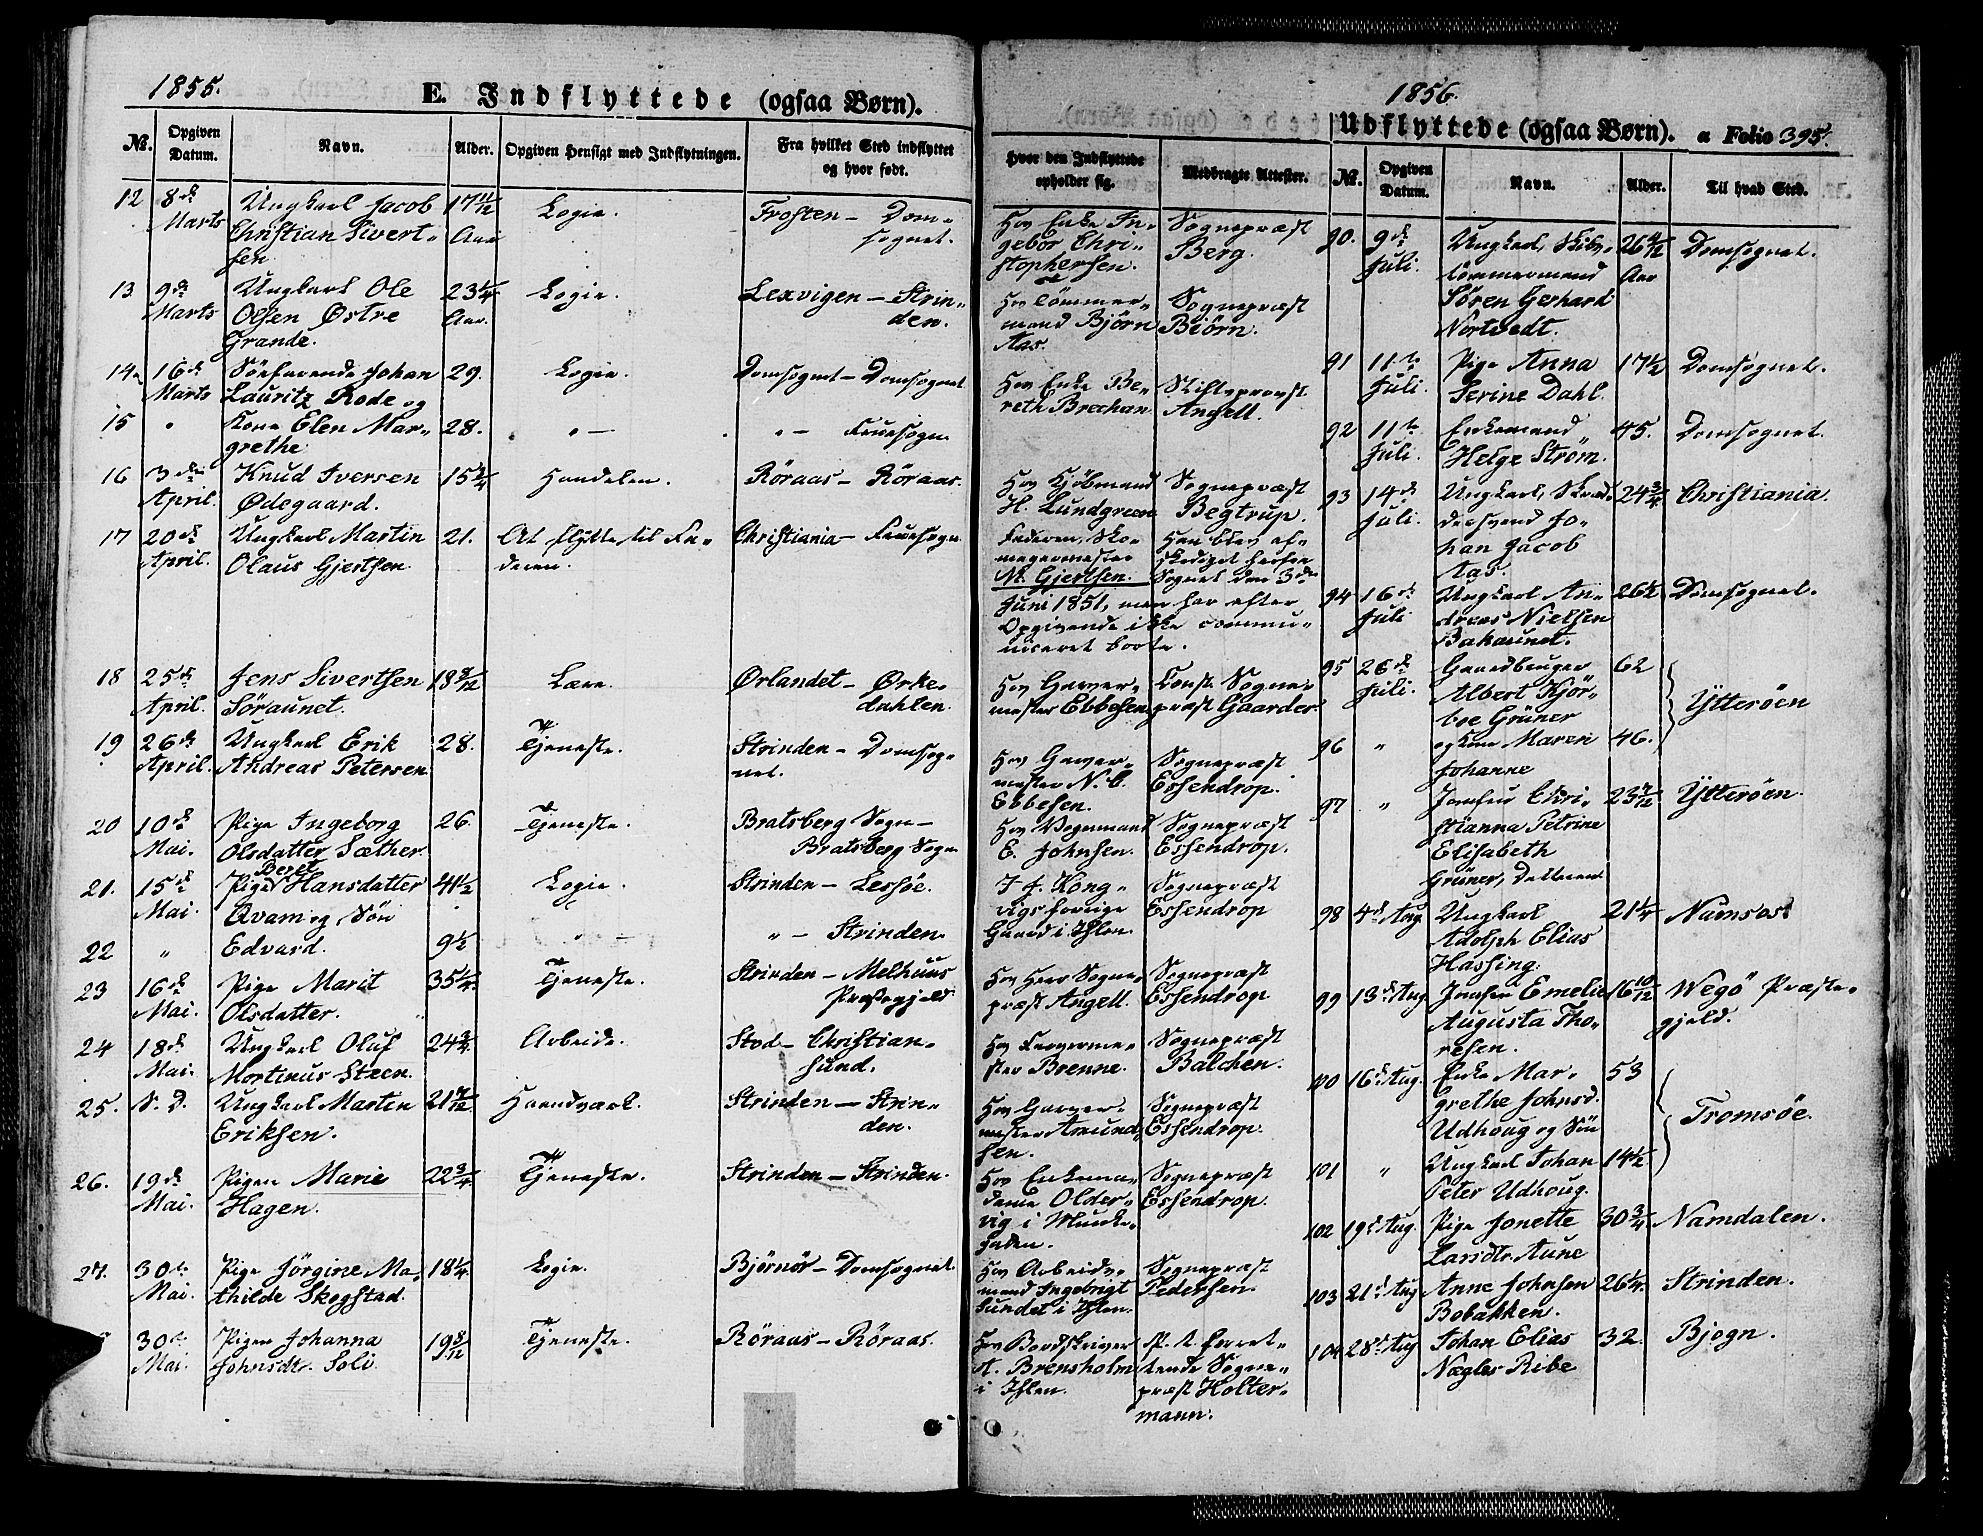 SAT, Ministerialprotokoller, klokkerbøker og fødselsregistre - Sør-Trøndelag, 602/L0137: Klokkerbok nr. 602C05, 1846-1856, s. 395